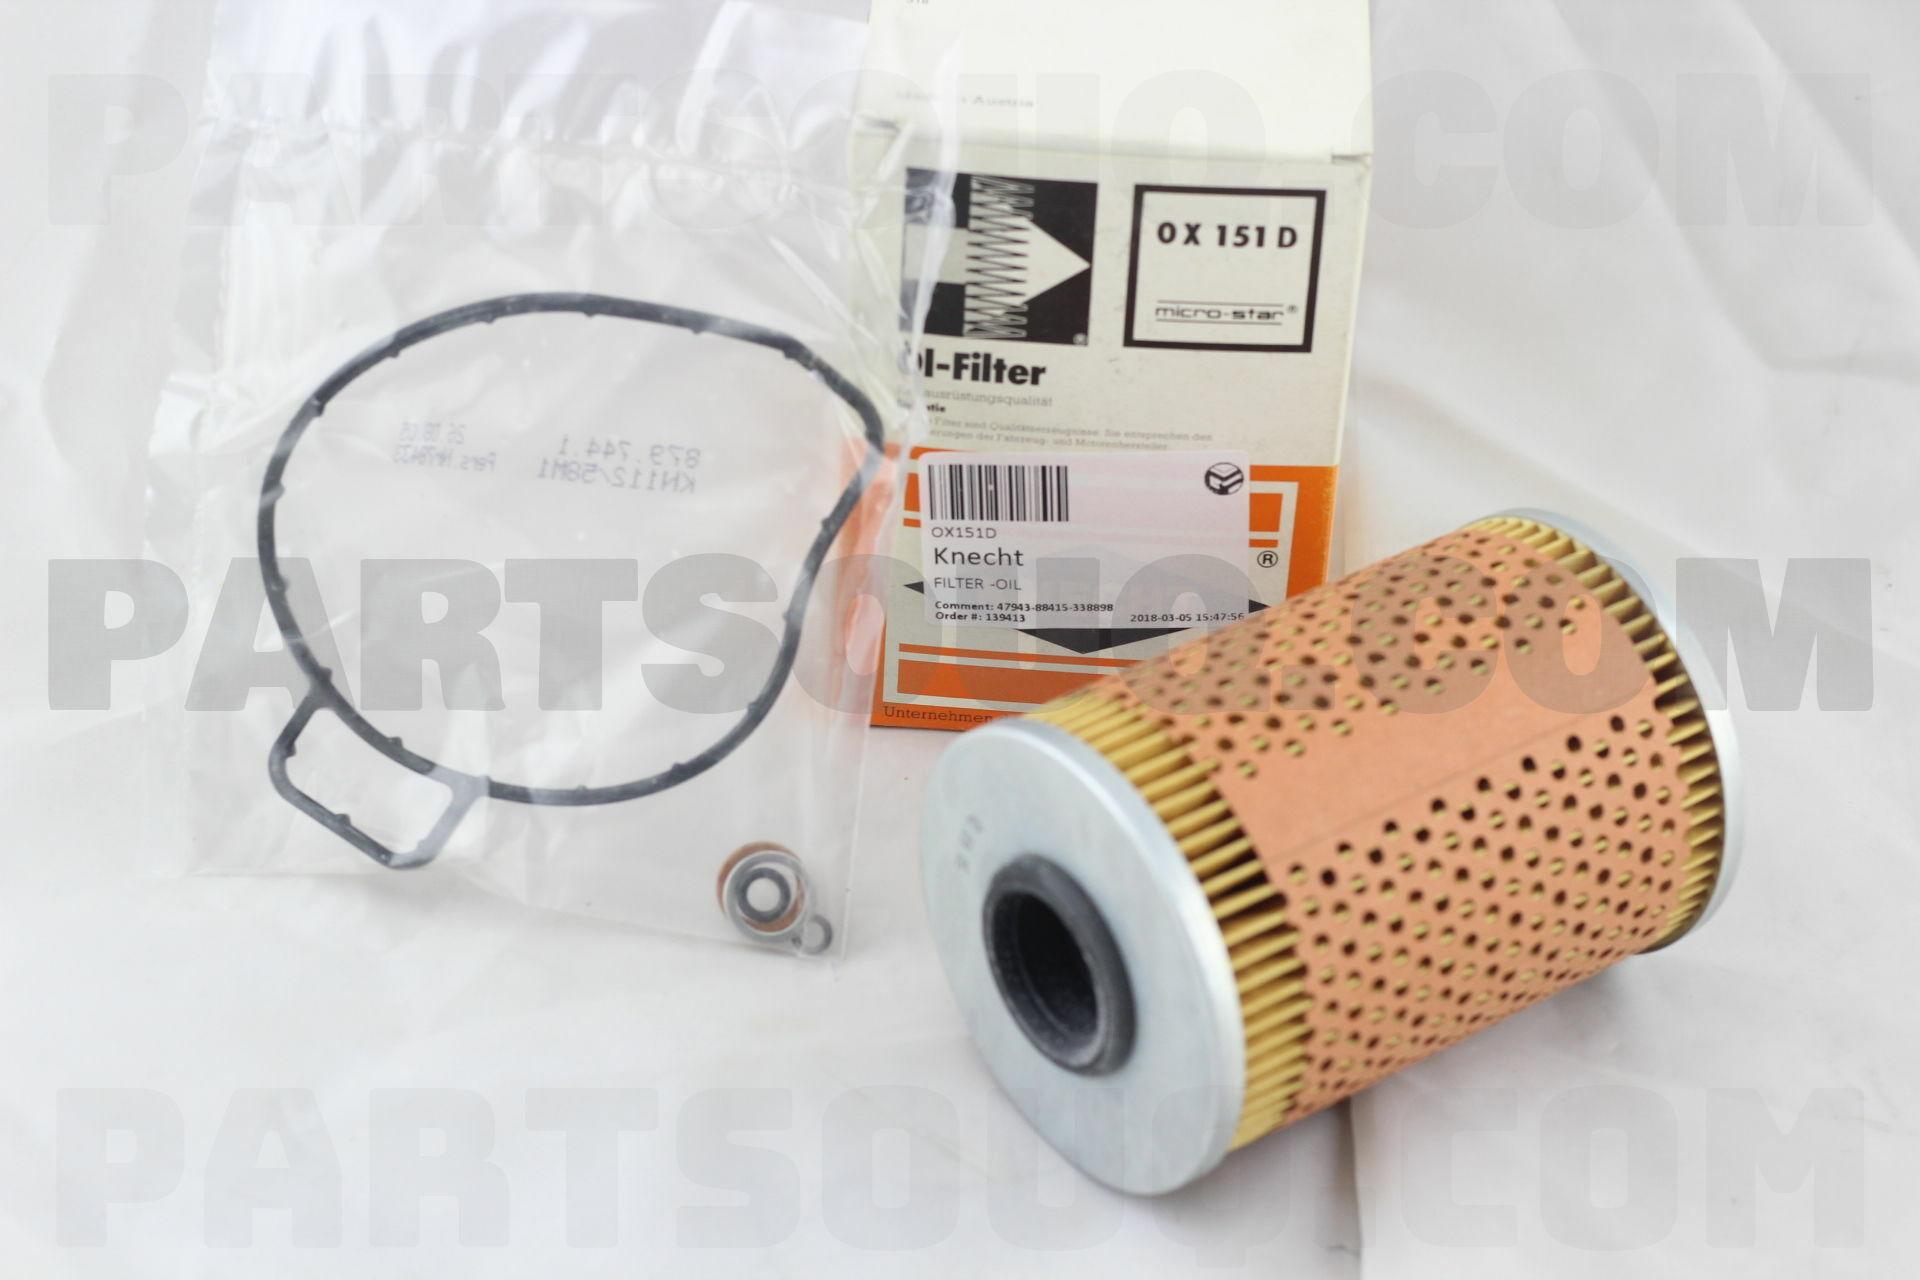 Knecht OX151D Filtre /à huile